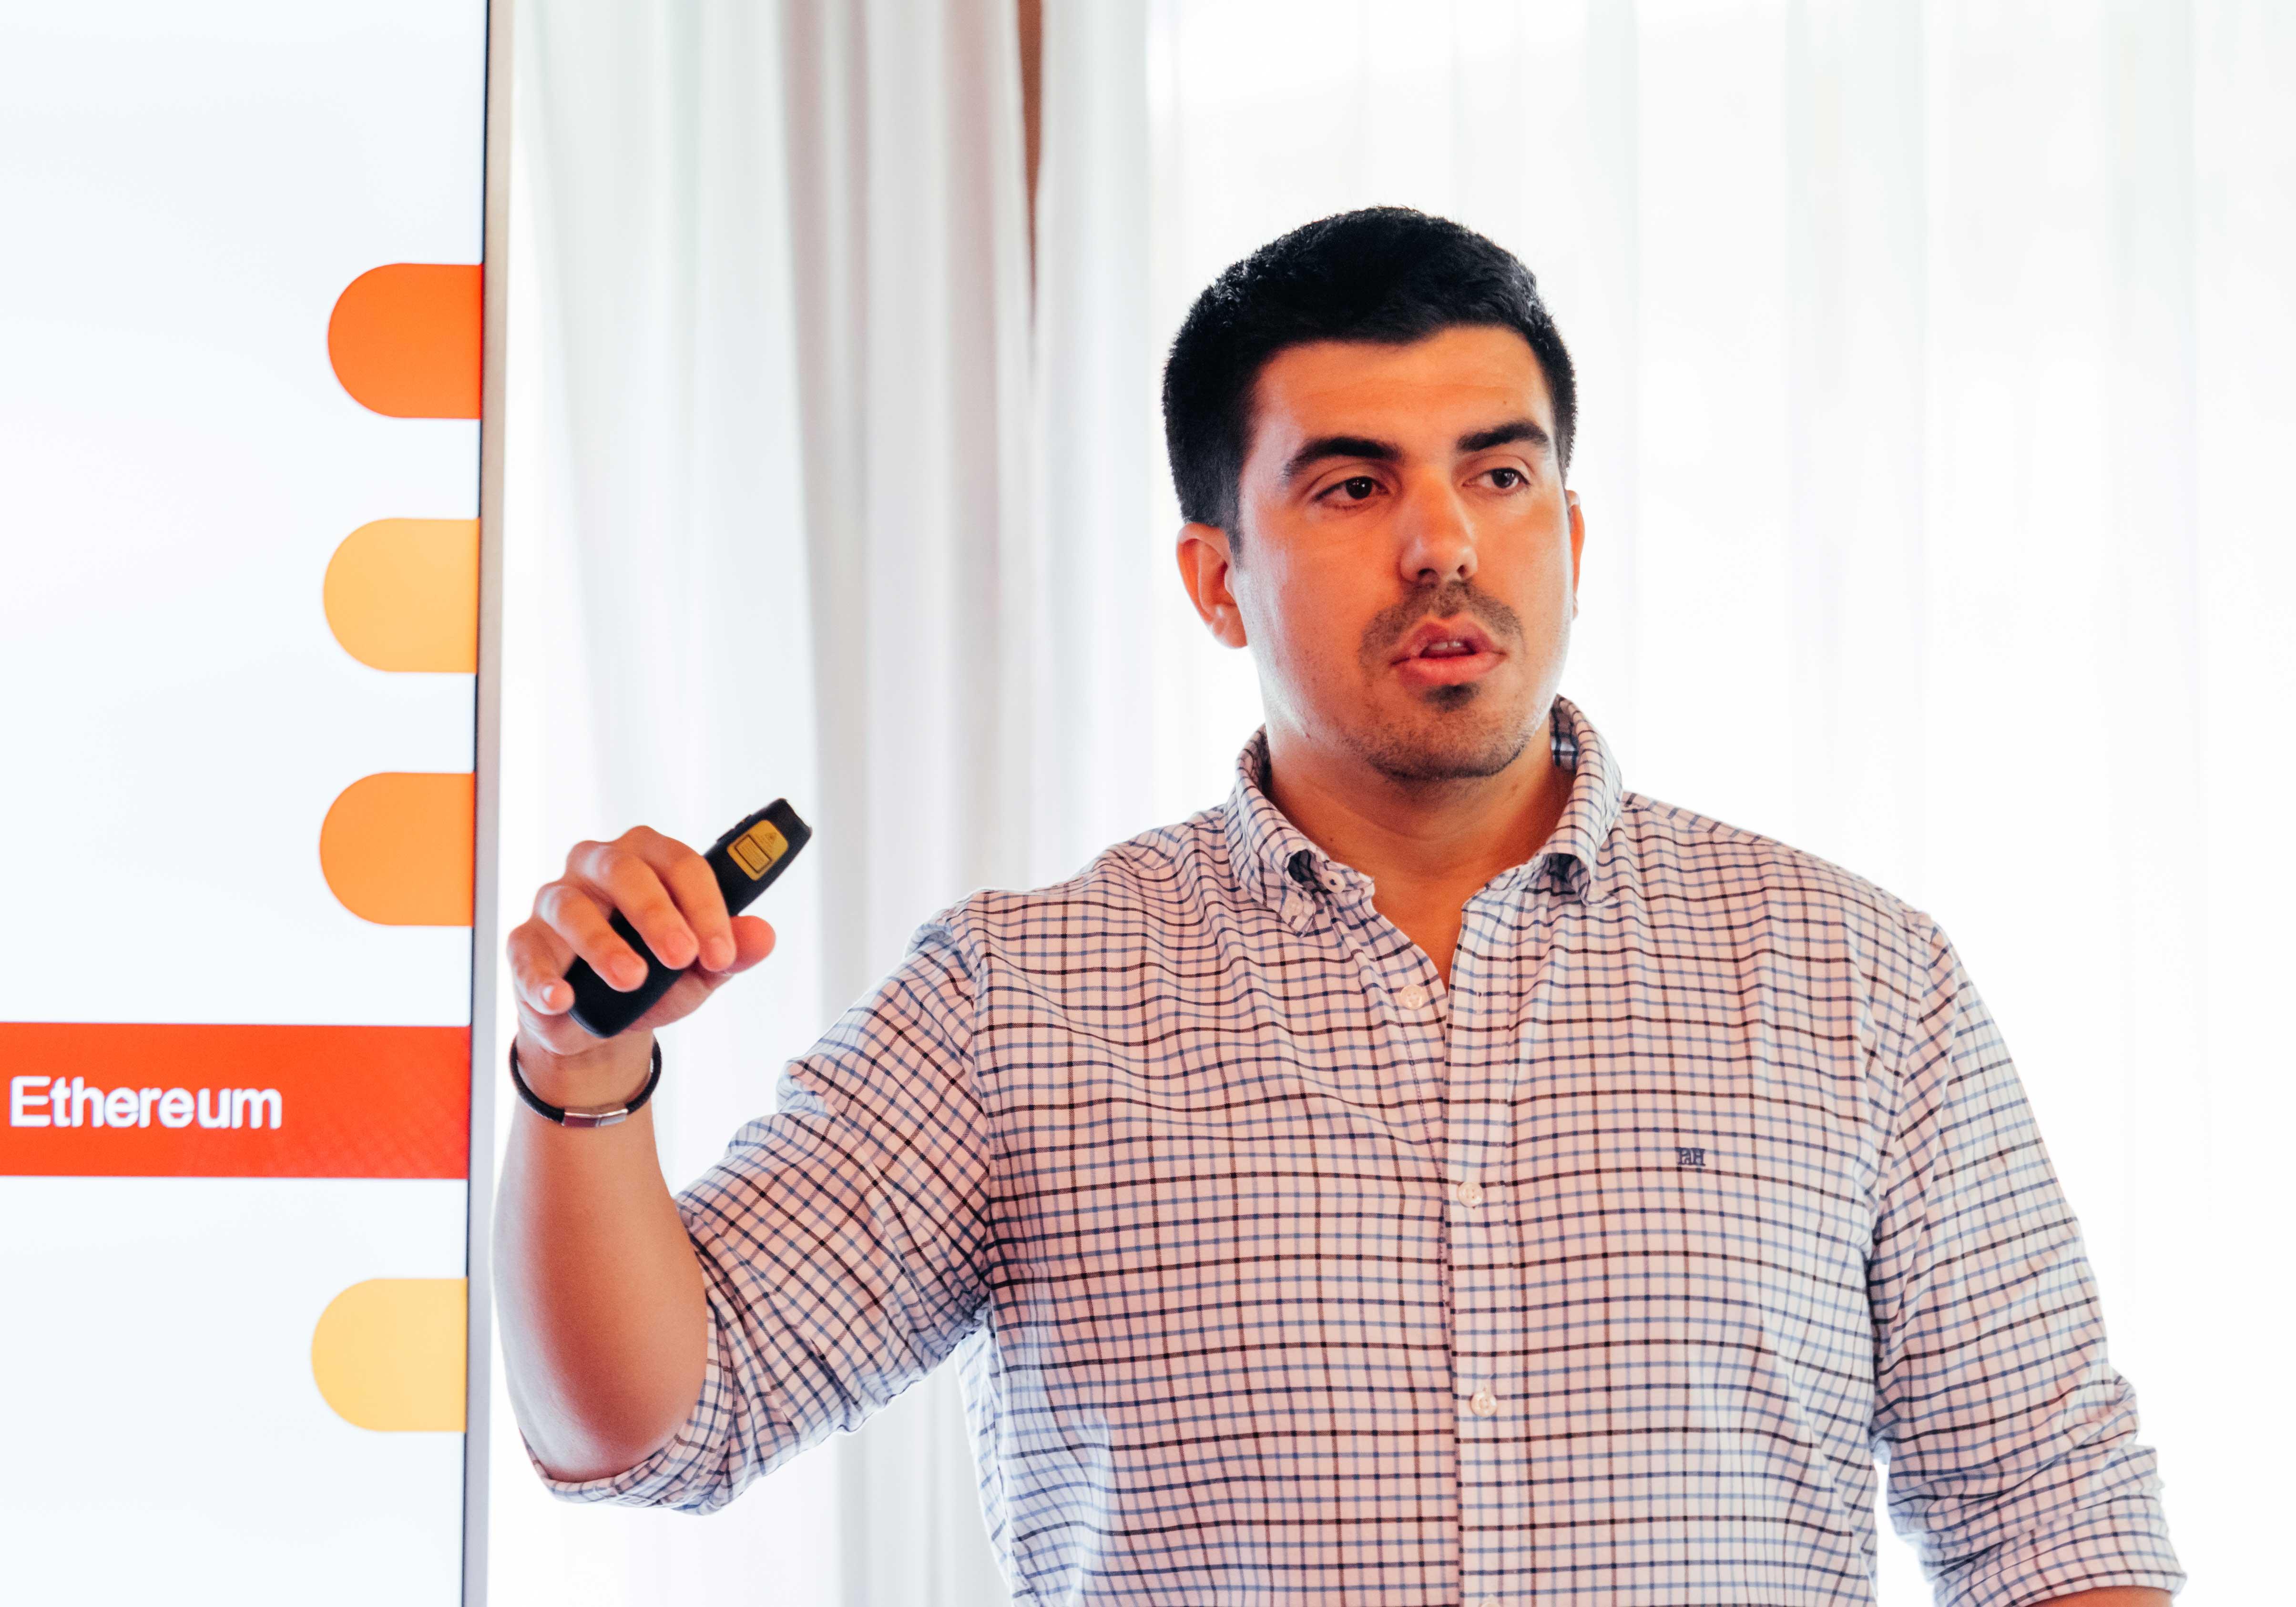 15 июля участники Летнего Кампуса РАНХиГС узнали от координатора Мадридского политехнического университета Хесуса Педро Касильяса о том, что такое блокчейн, в чем состоят особенности этой системы и почему крупные компании используют ее.